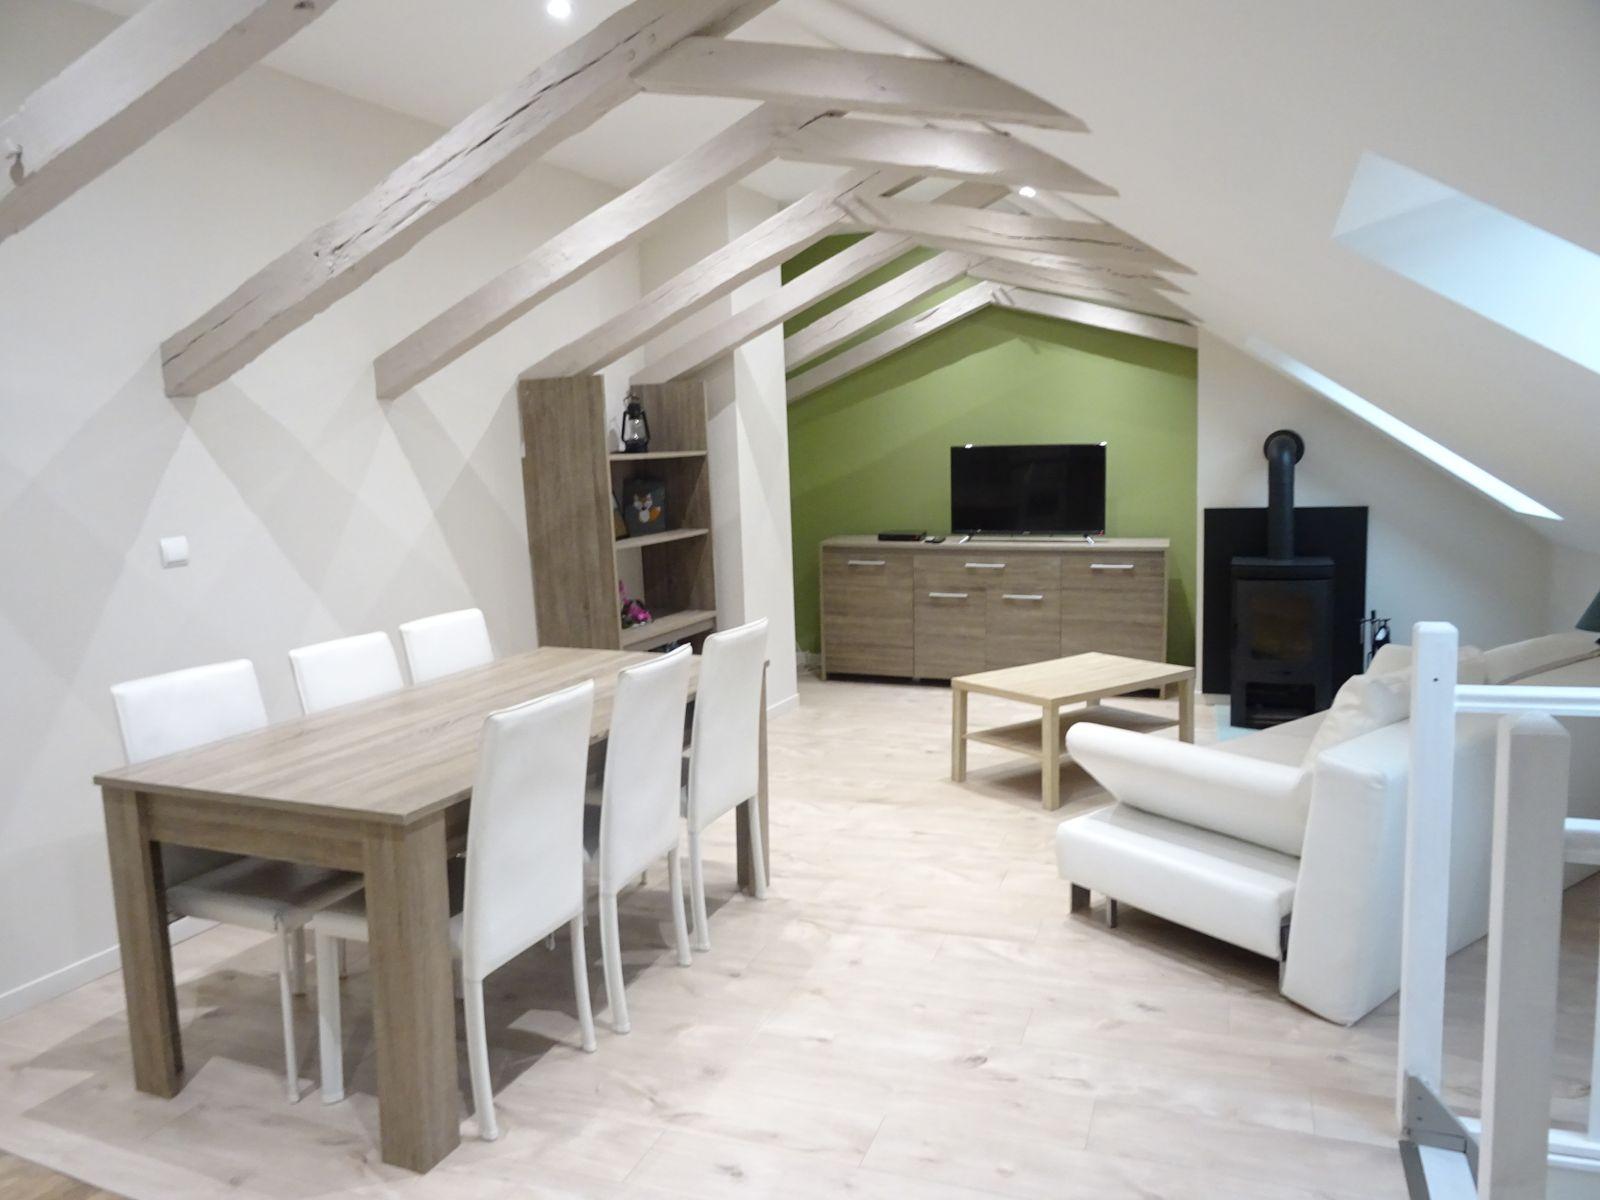 Architecte D Intérieur Aveyron location gîte à saint-geniez-d'olt (aveyron) • gîtes de